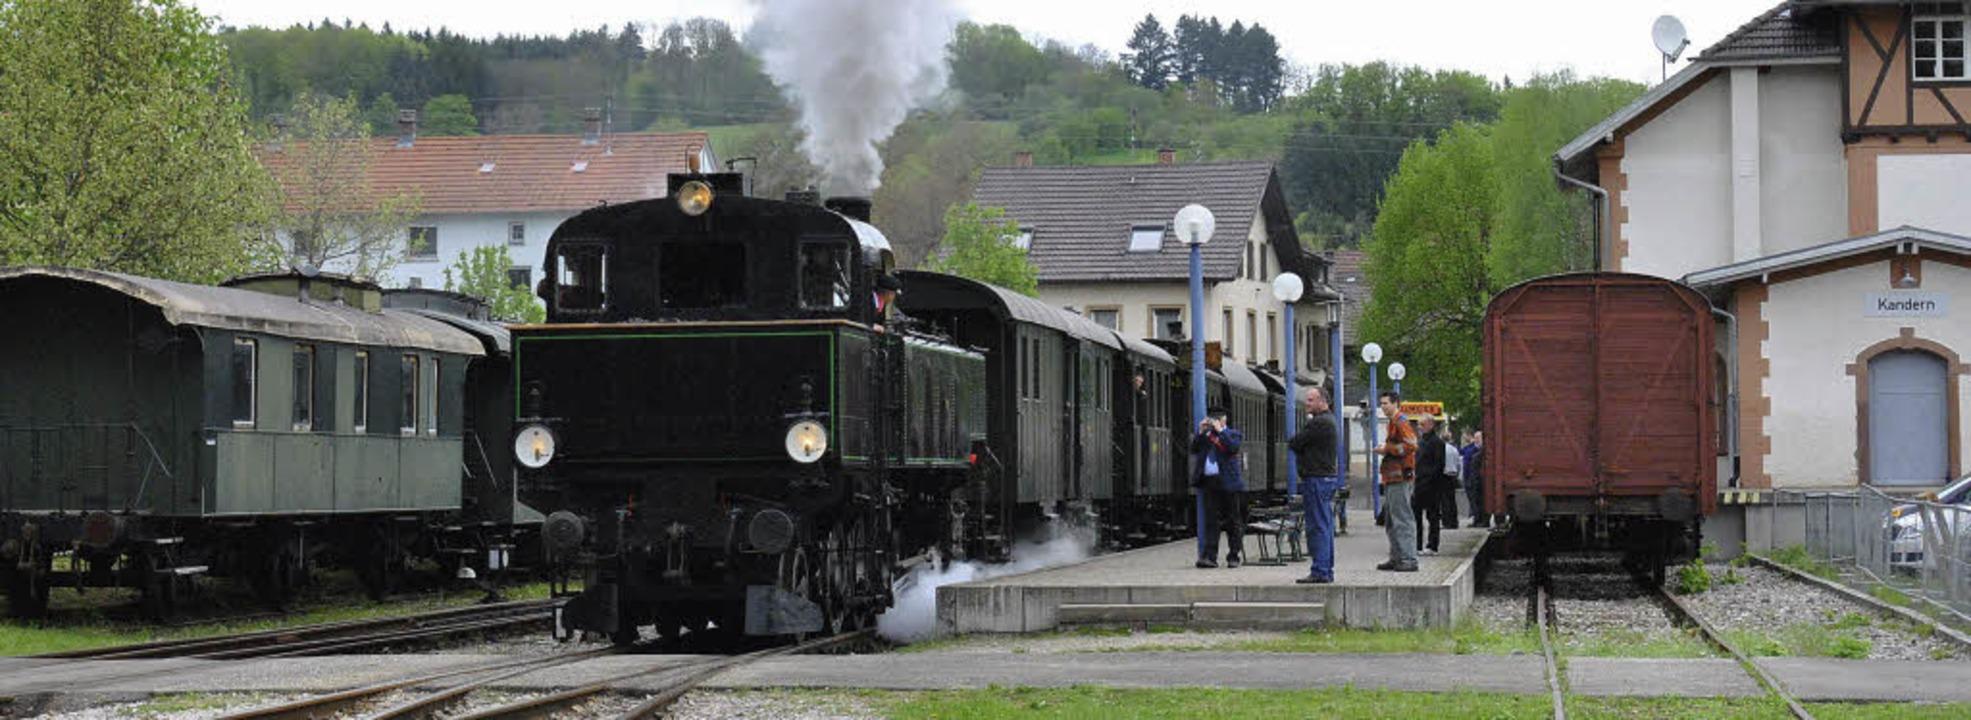 Der Anschluss Kanderns ans Regio-S-Bah...der Pläne einer Umfahrung Rümmingens.     Foto: SEDLAK